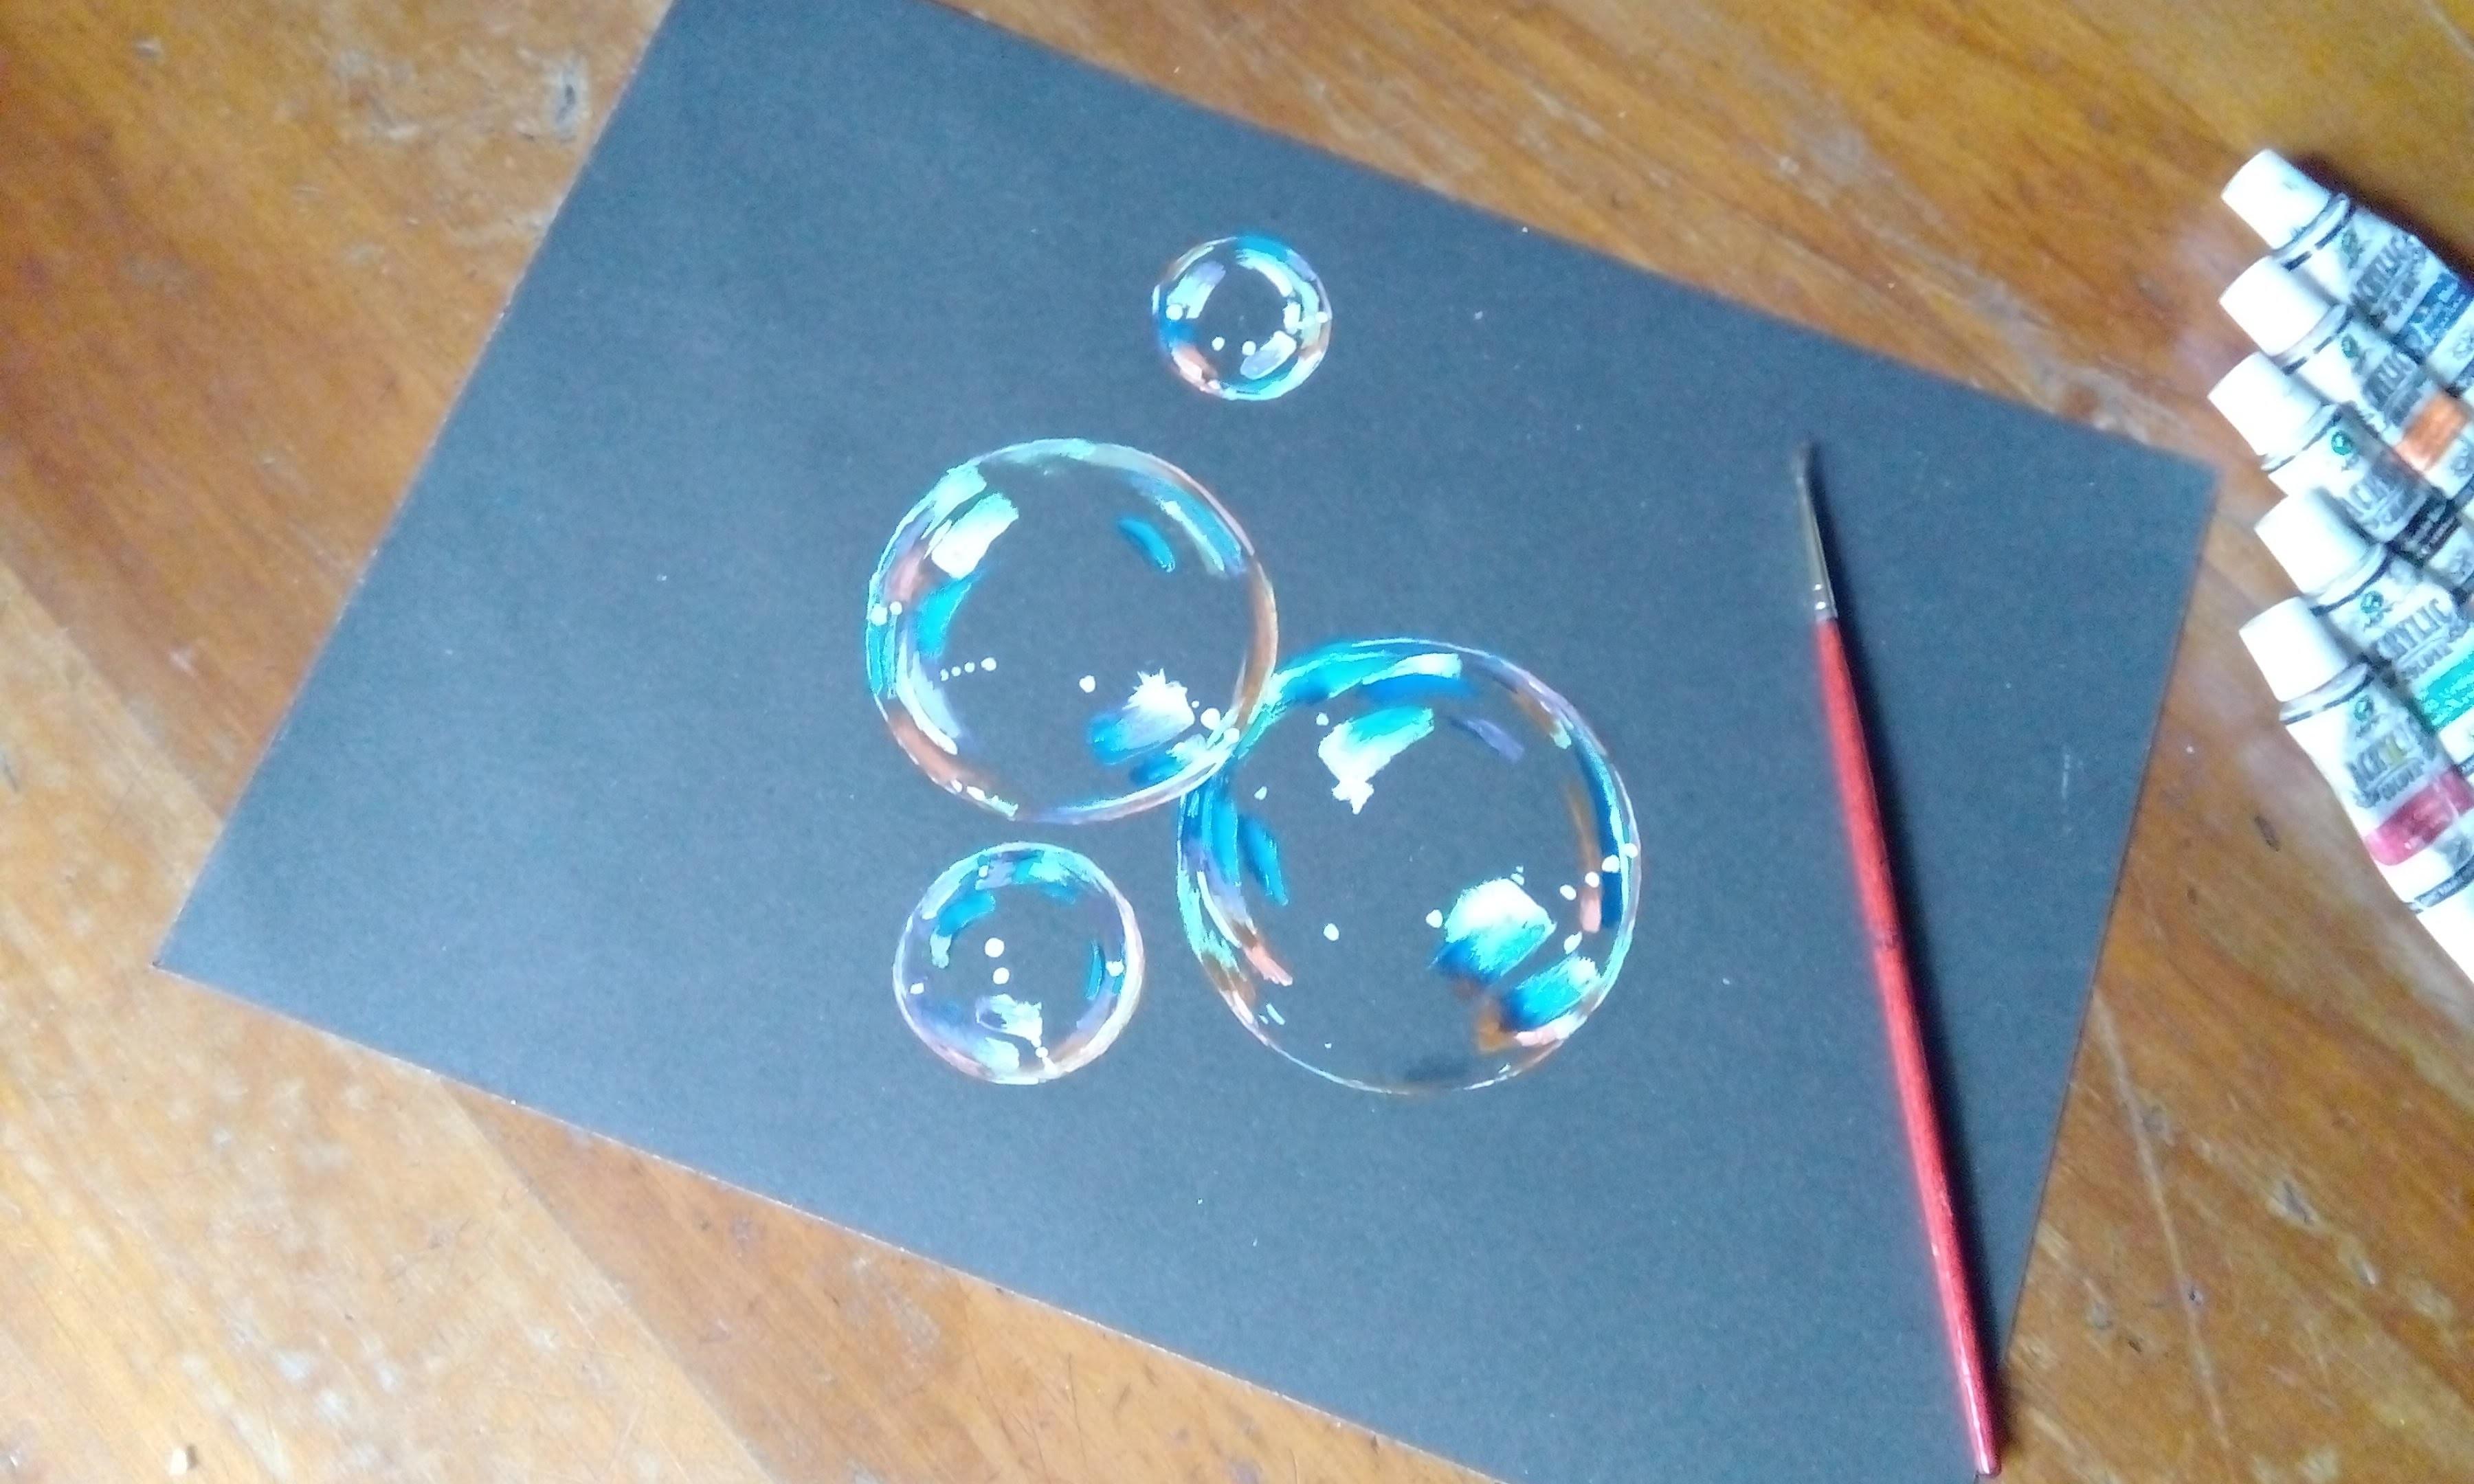 пузыри на открытке как сделать несмотря реализацию